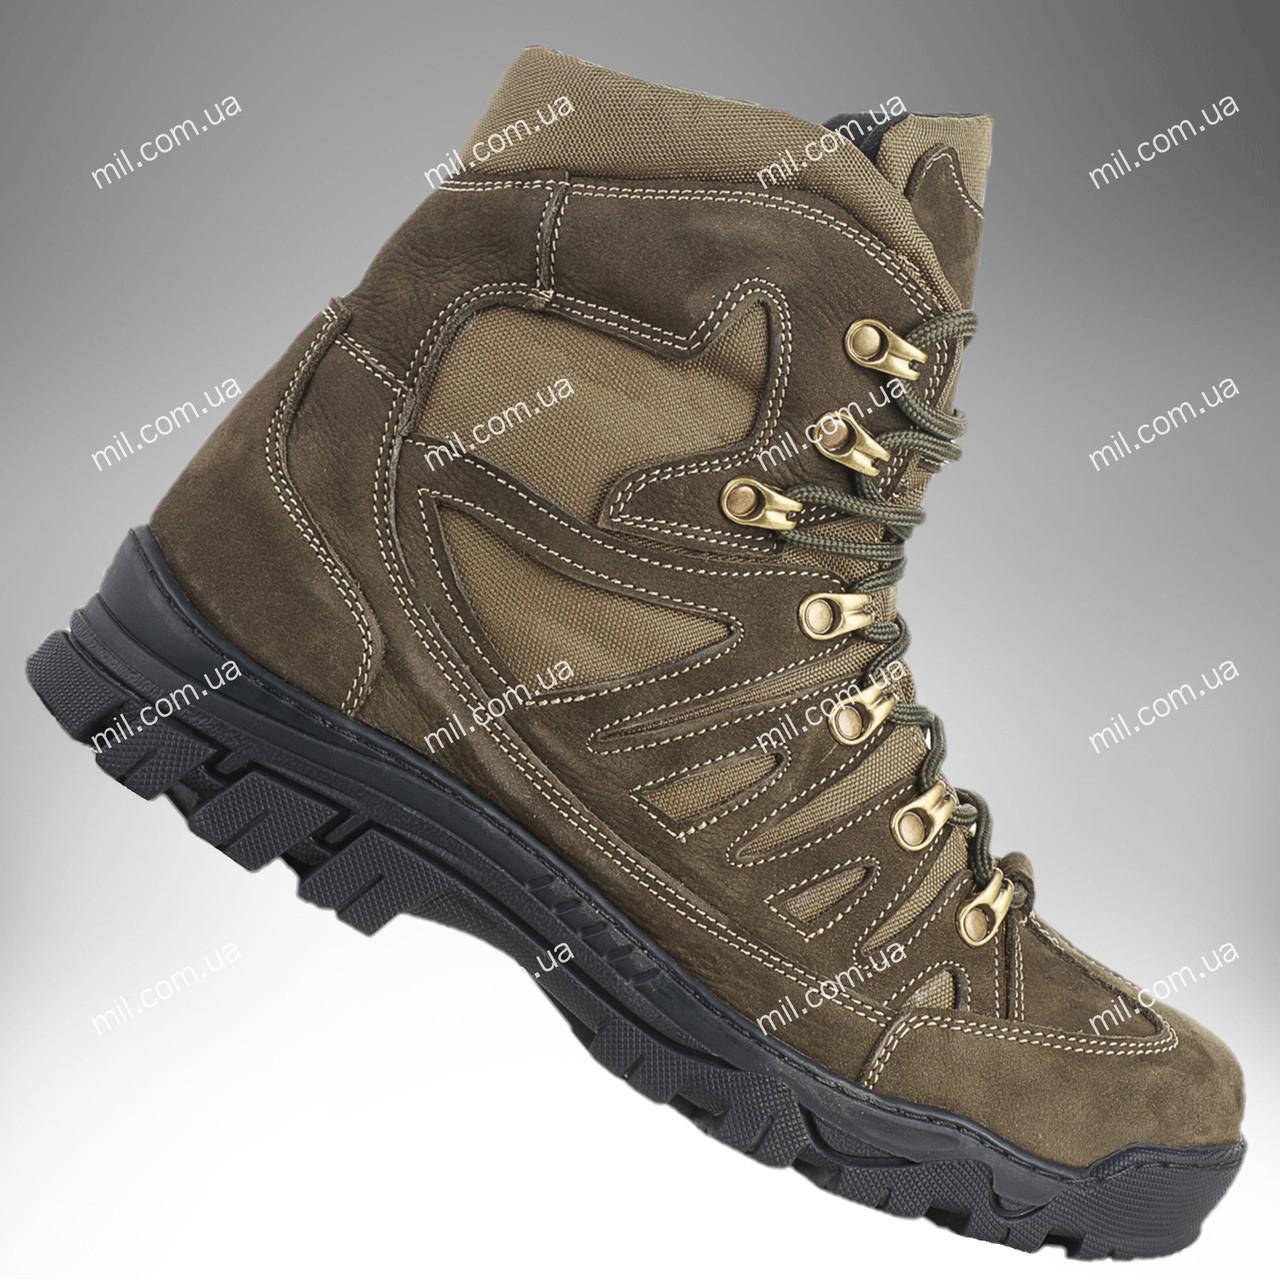 ⭐⭐Ботинки тактические демисезонные / военная, армейские обувь КАСКАД (olive) | военная обувь, военные ботинки,